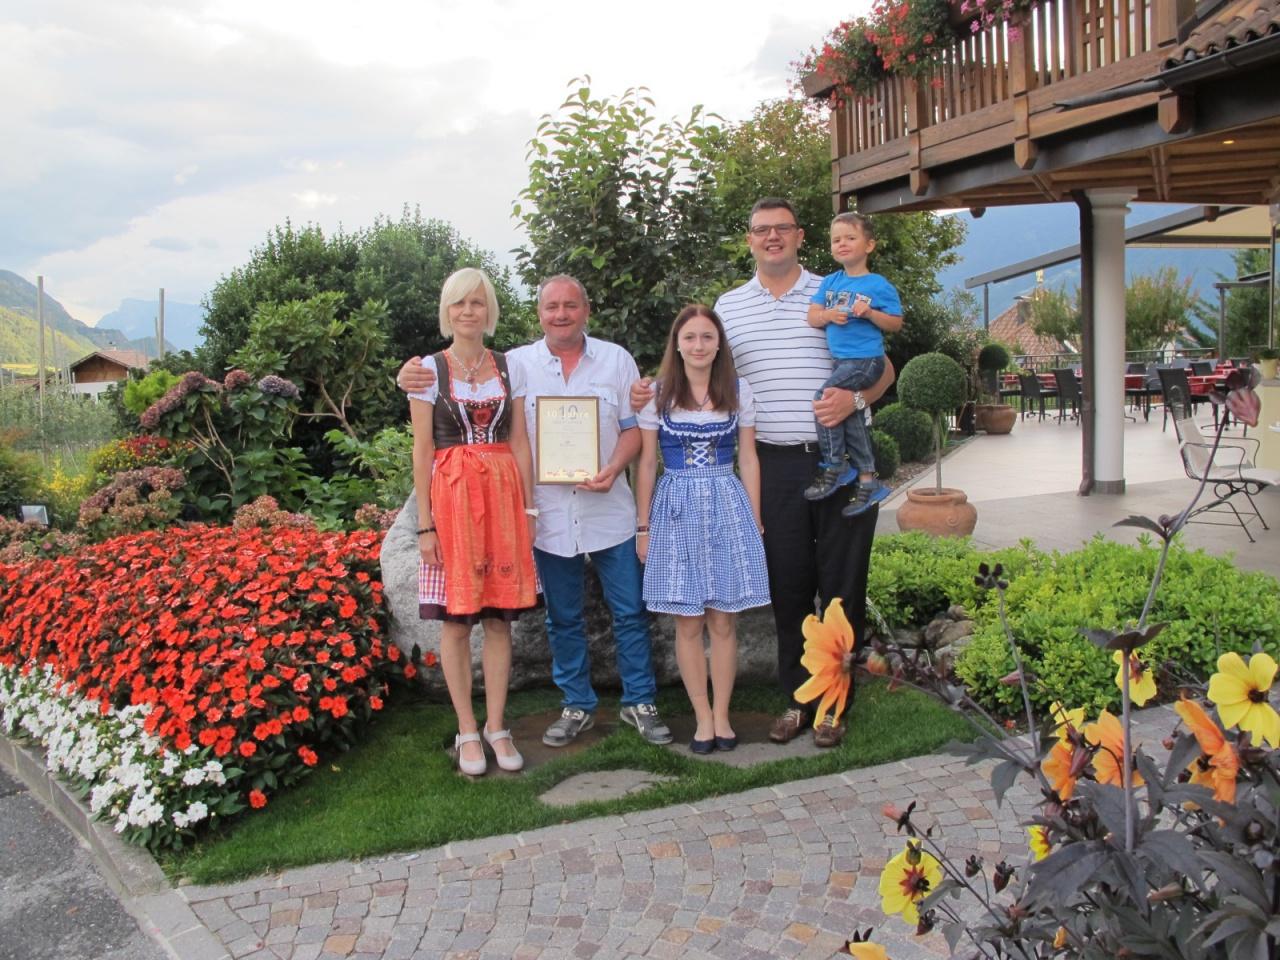 Hotel Schenna: Treue Stammgäste geehrt